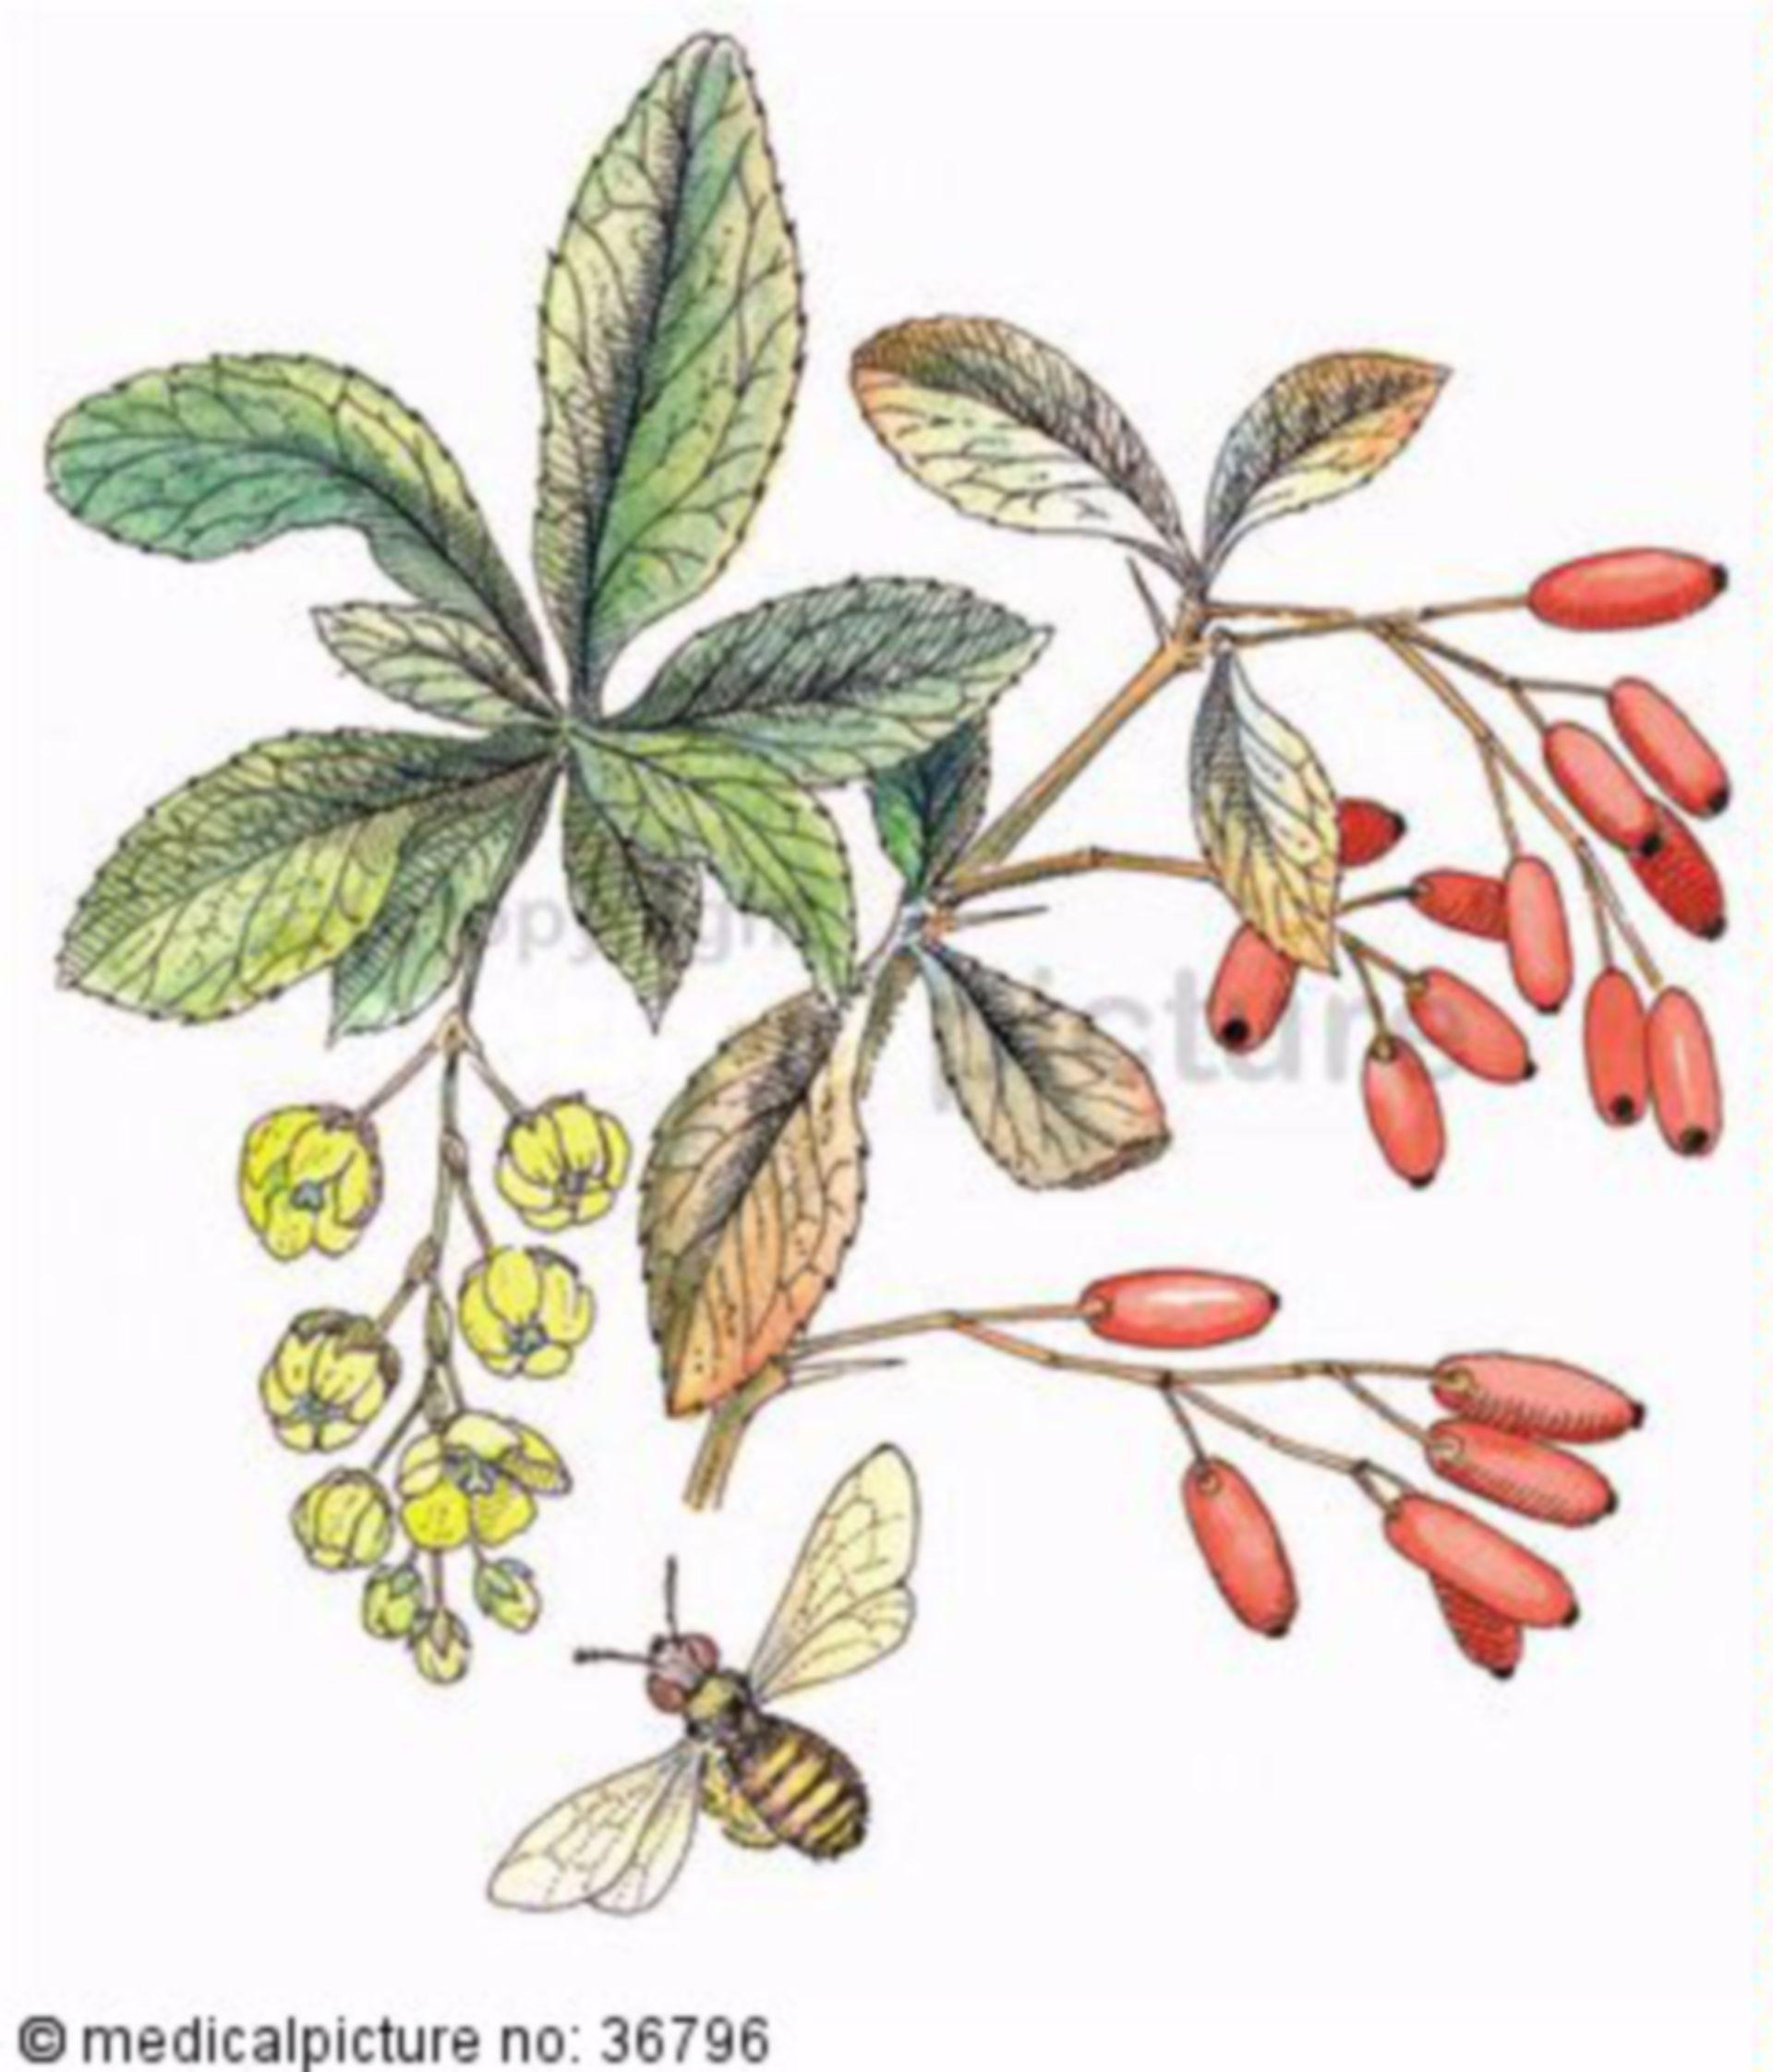 Strauch, Berberis vulgaris, Berberitze